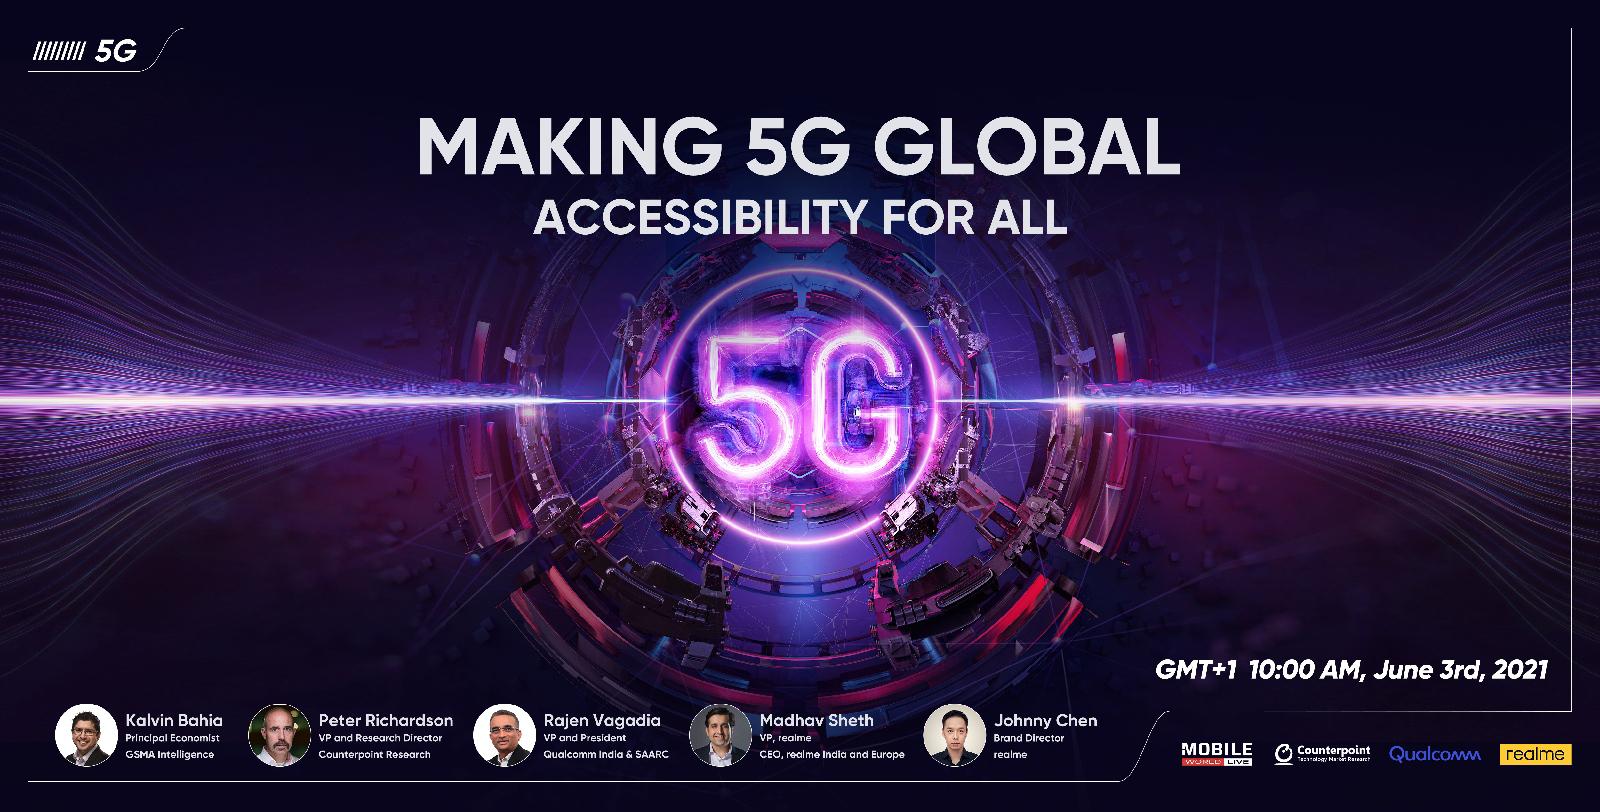 realme ผนึกกำลัง GSMA, Counterpoint และ Qualcomm ประกาศจัดงาน 5G Summit Global พร้อมขับเคลื่อนศักยภาพและคุณภาพแห่งเทคโนโลยีเพื่อคนรุ่นใหม่ ในวันที่ 3 มิถุนายนนี้